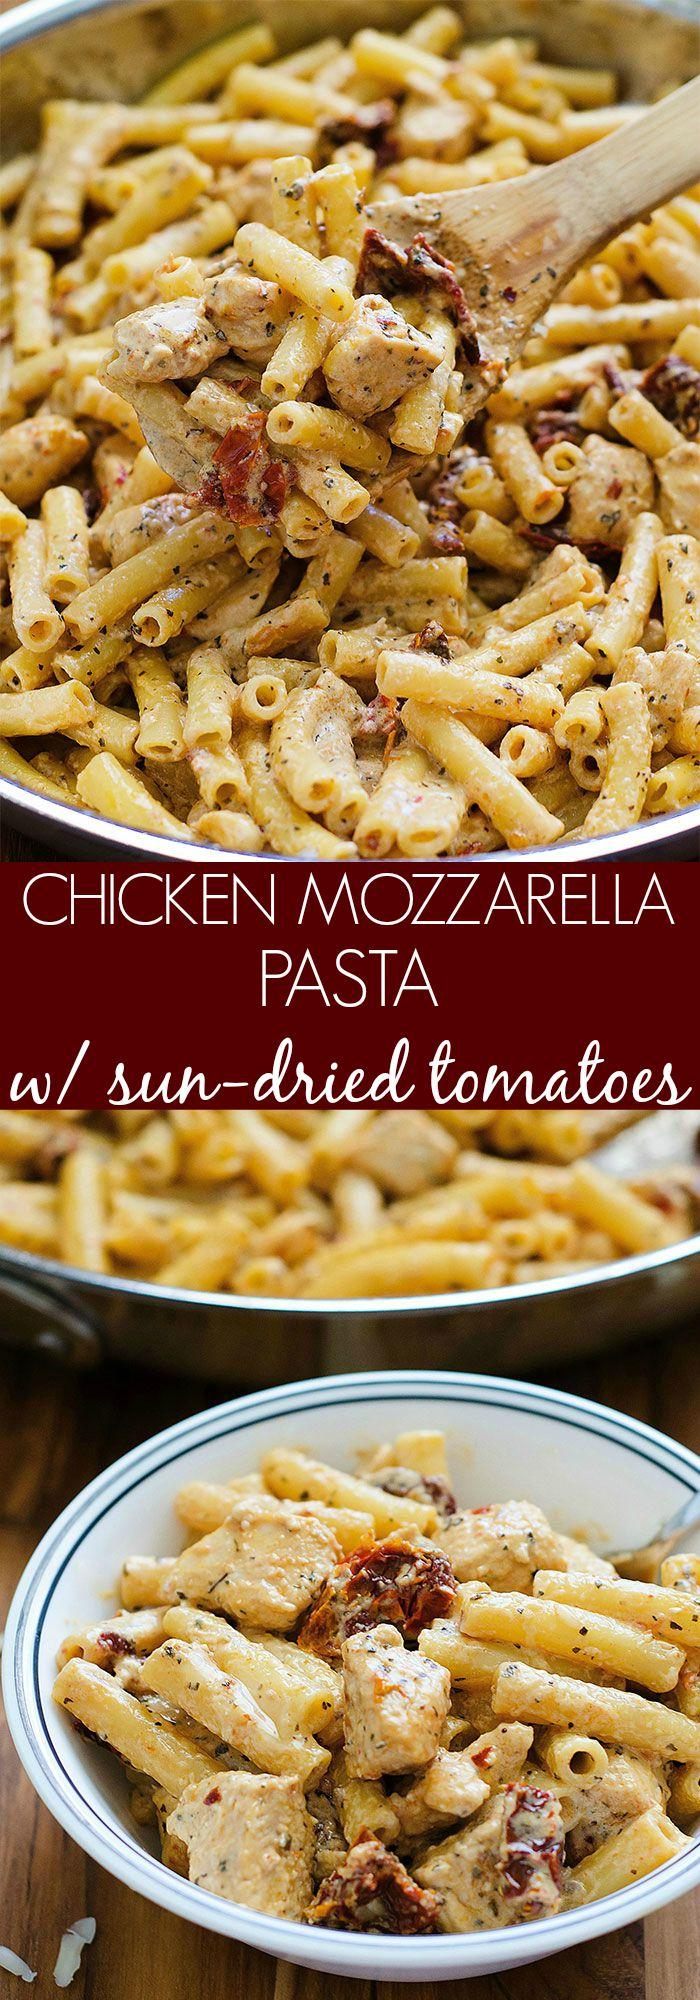 Chicken Mozzarella Pasta Recipe — Dishmaps